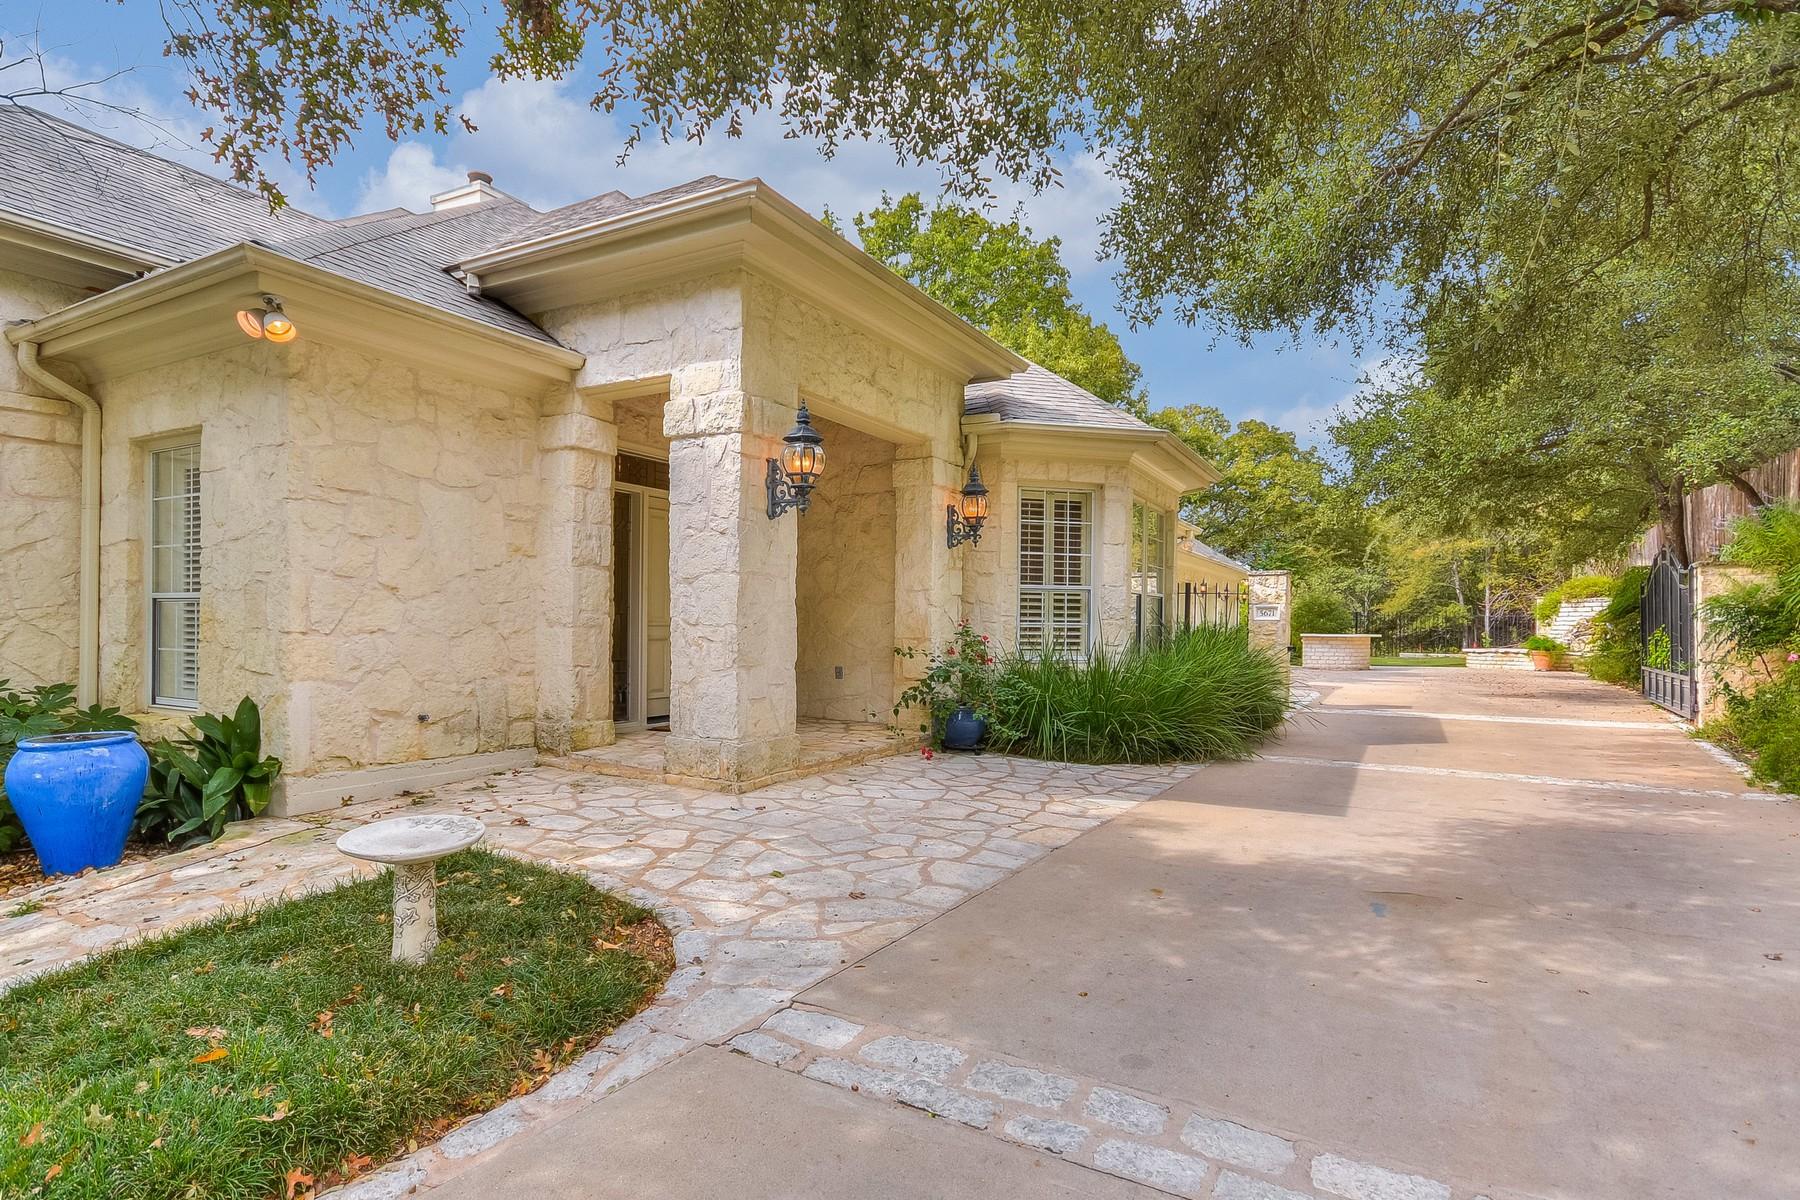 Einfamilienhaus für Verkauf beim Texas Hill Country with a French Flare! 5671 Rain Creek Pkwy Great Hills, Austin, Texas, 78759 Vereinigte Staaten